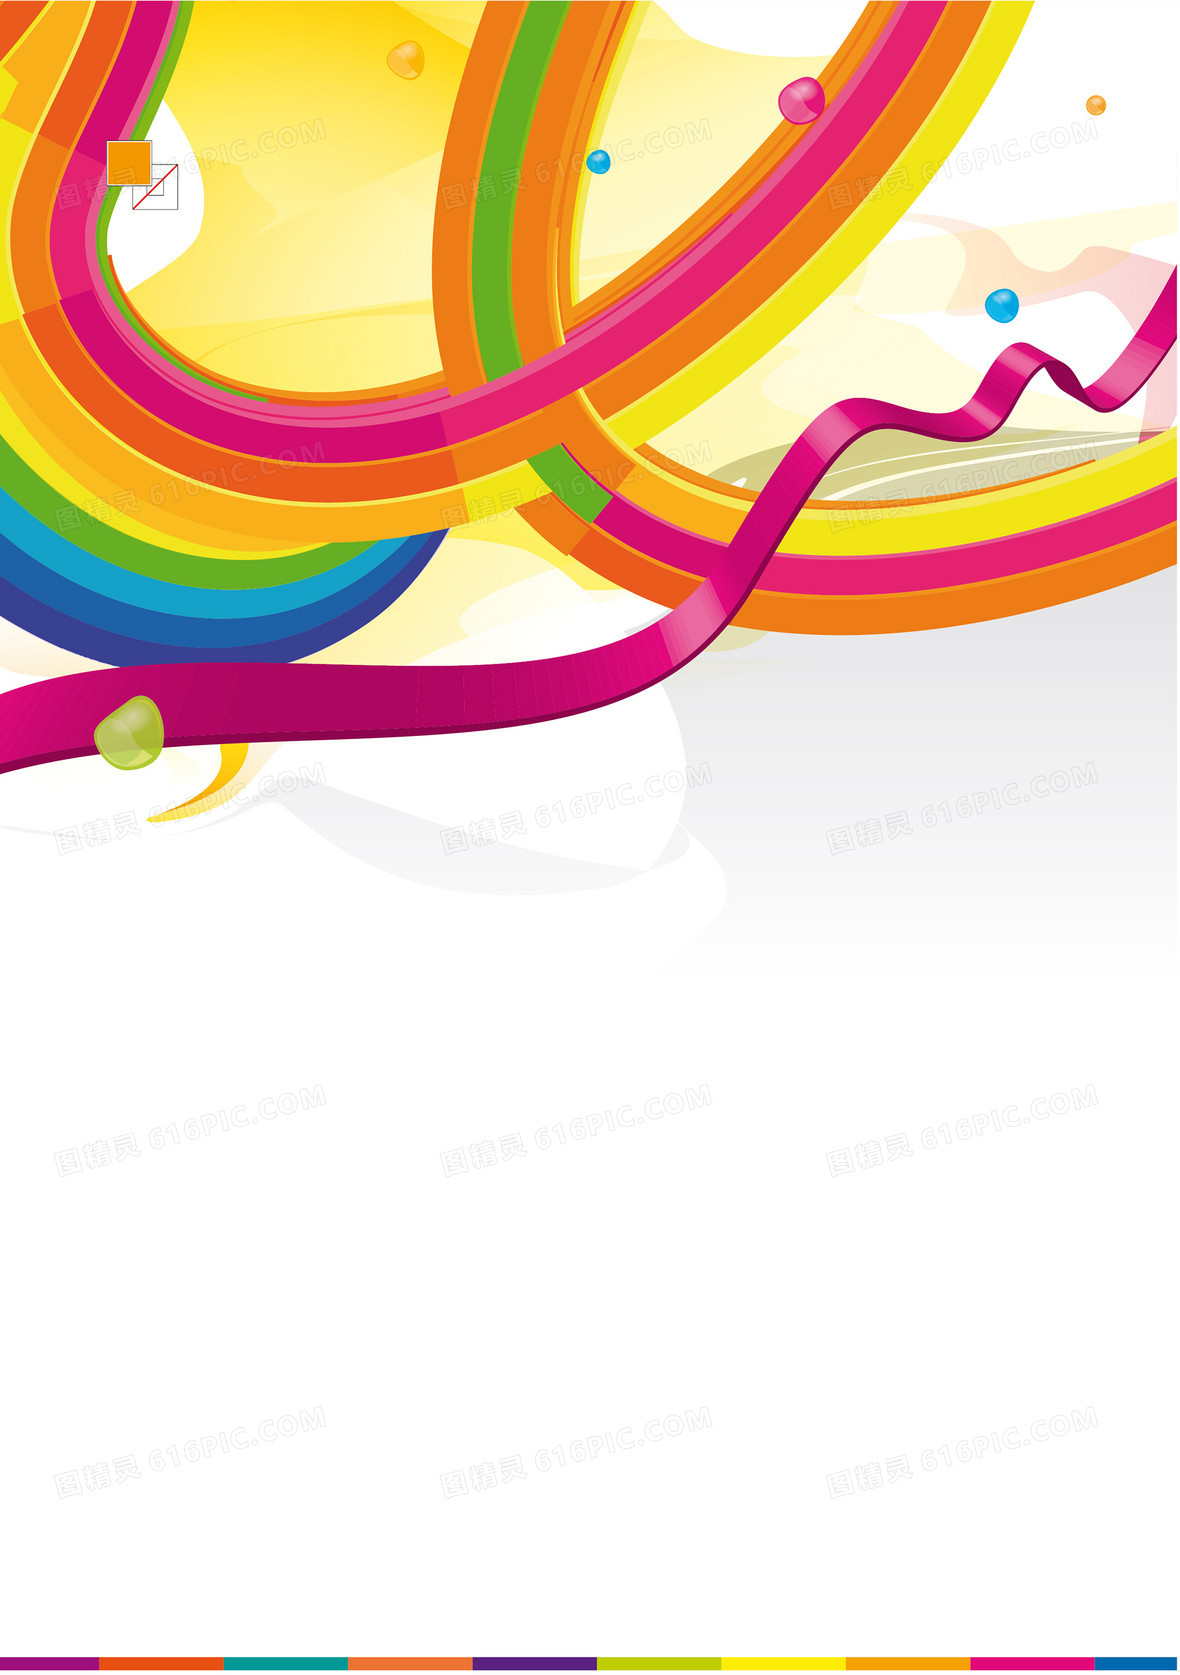 欧式炫彩商业活动海报展板矢量背景素材